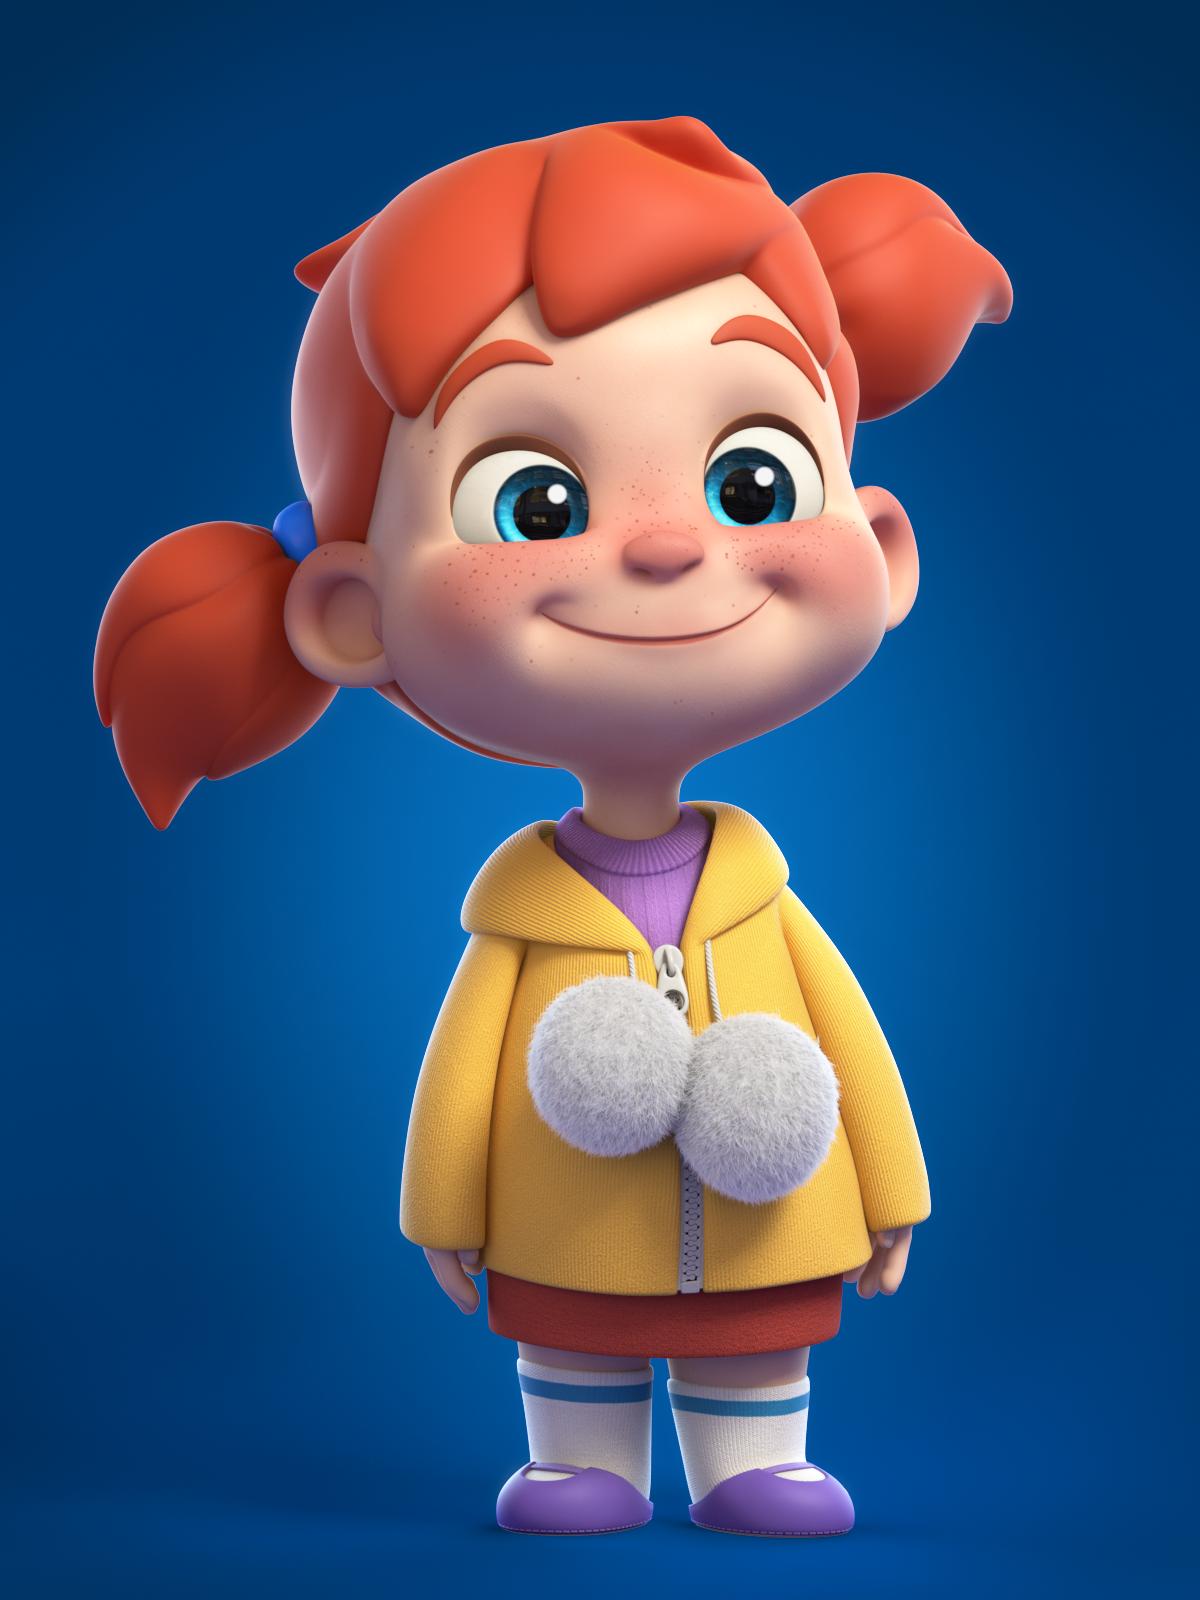 PlegIe2.png (1200×1600) Animación de diseño de personaje